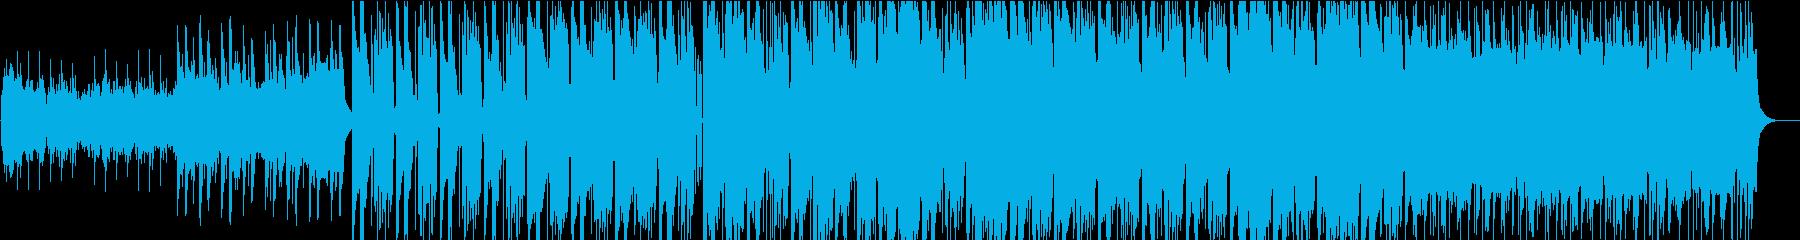 空撮映像などに合う重厚でクールなBGMの再生済みの波形